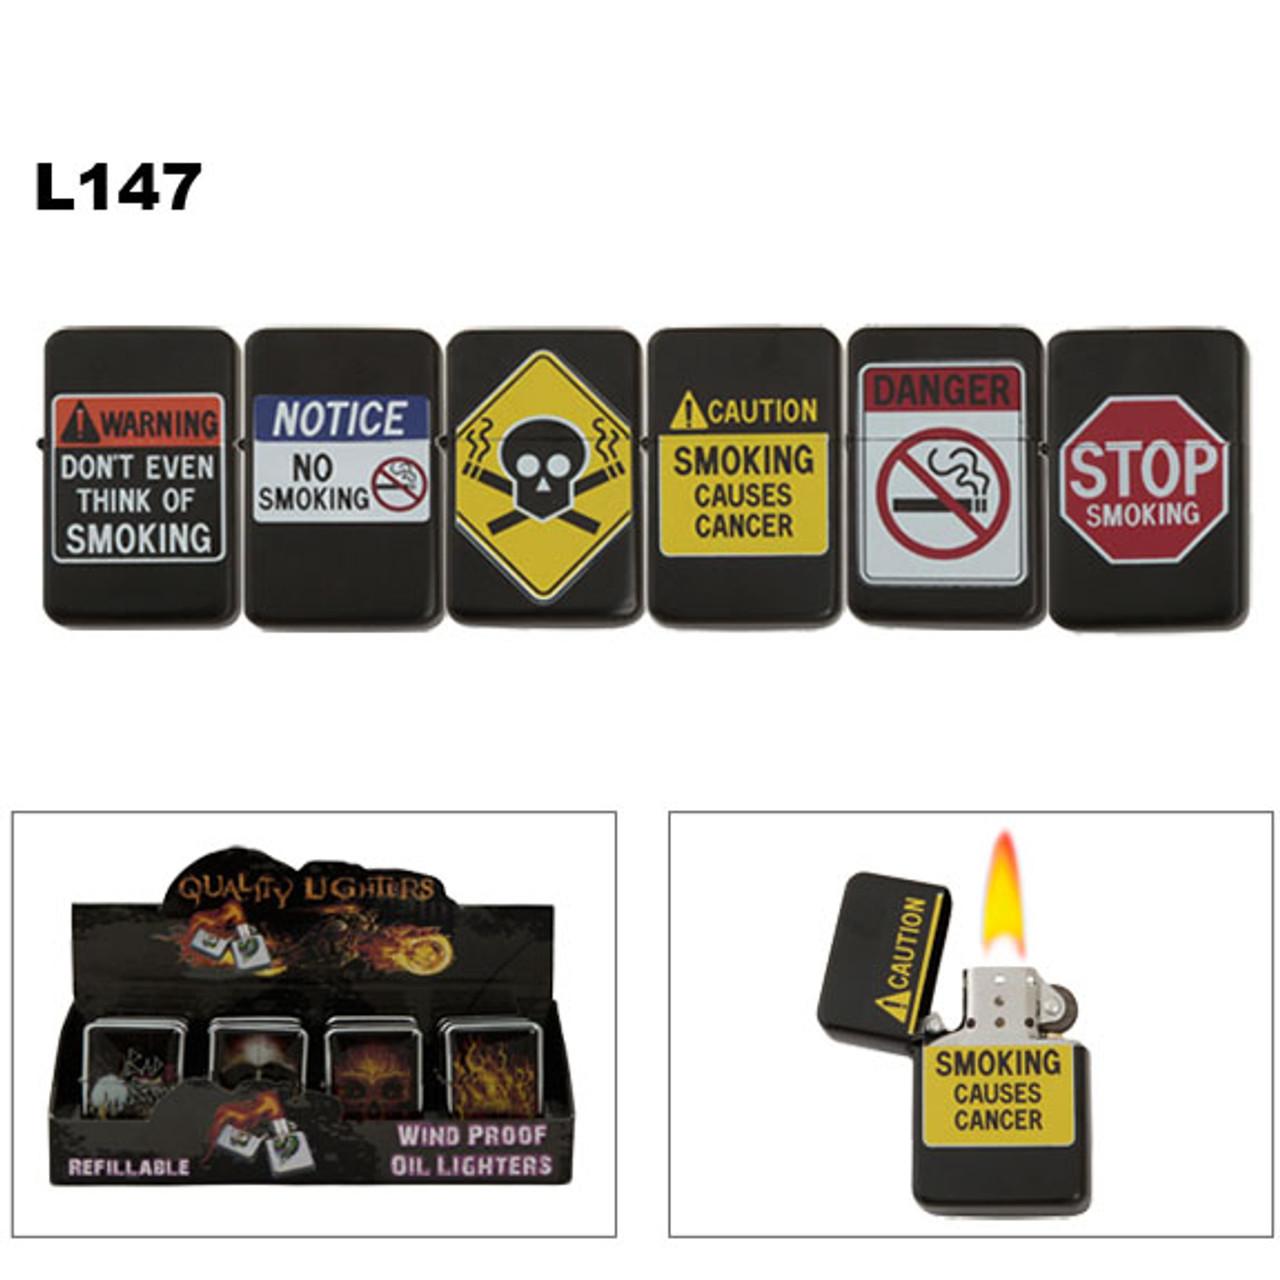 Oil Lighters | Stop Smoking